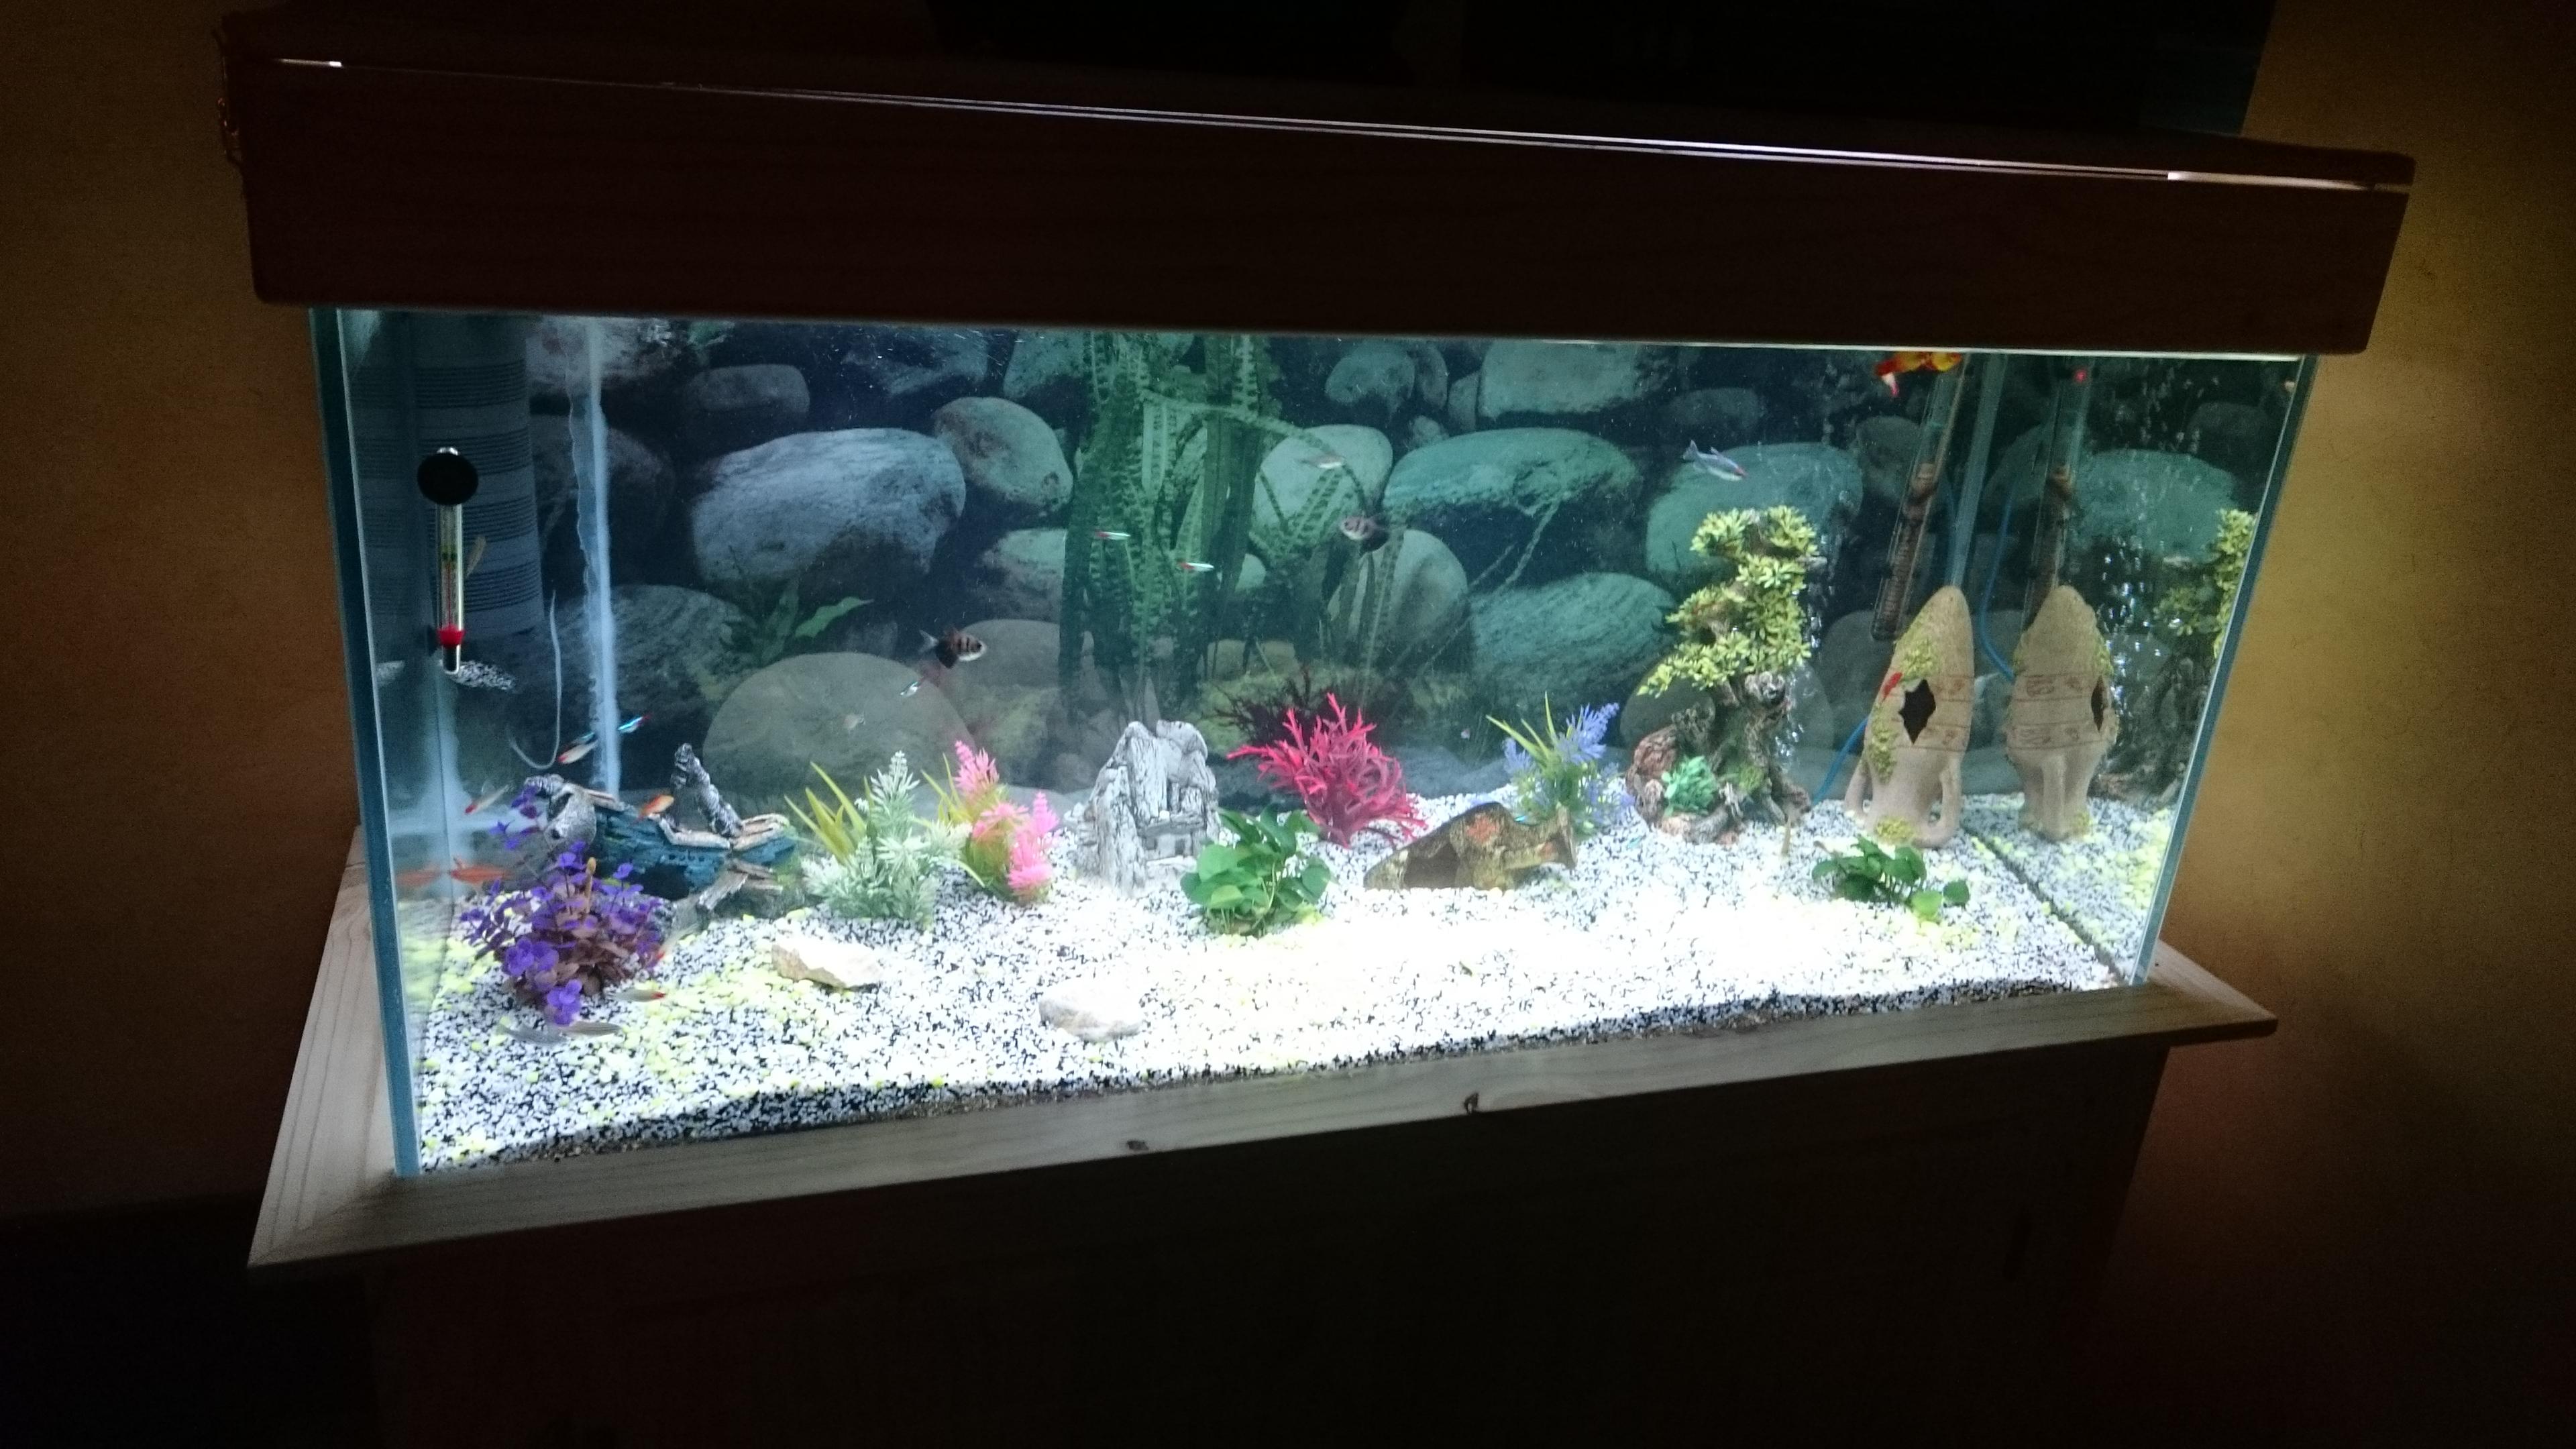 http://kimikooo.free.fr/Aquarium/DSC_0210.JPG